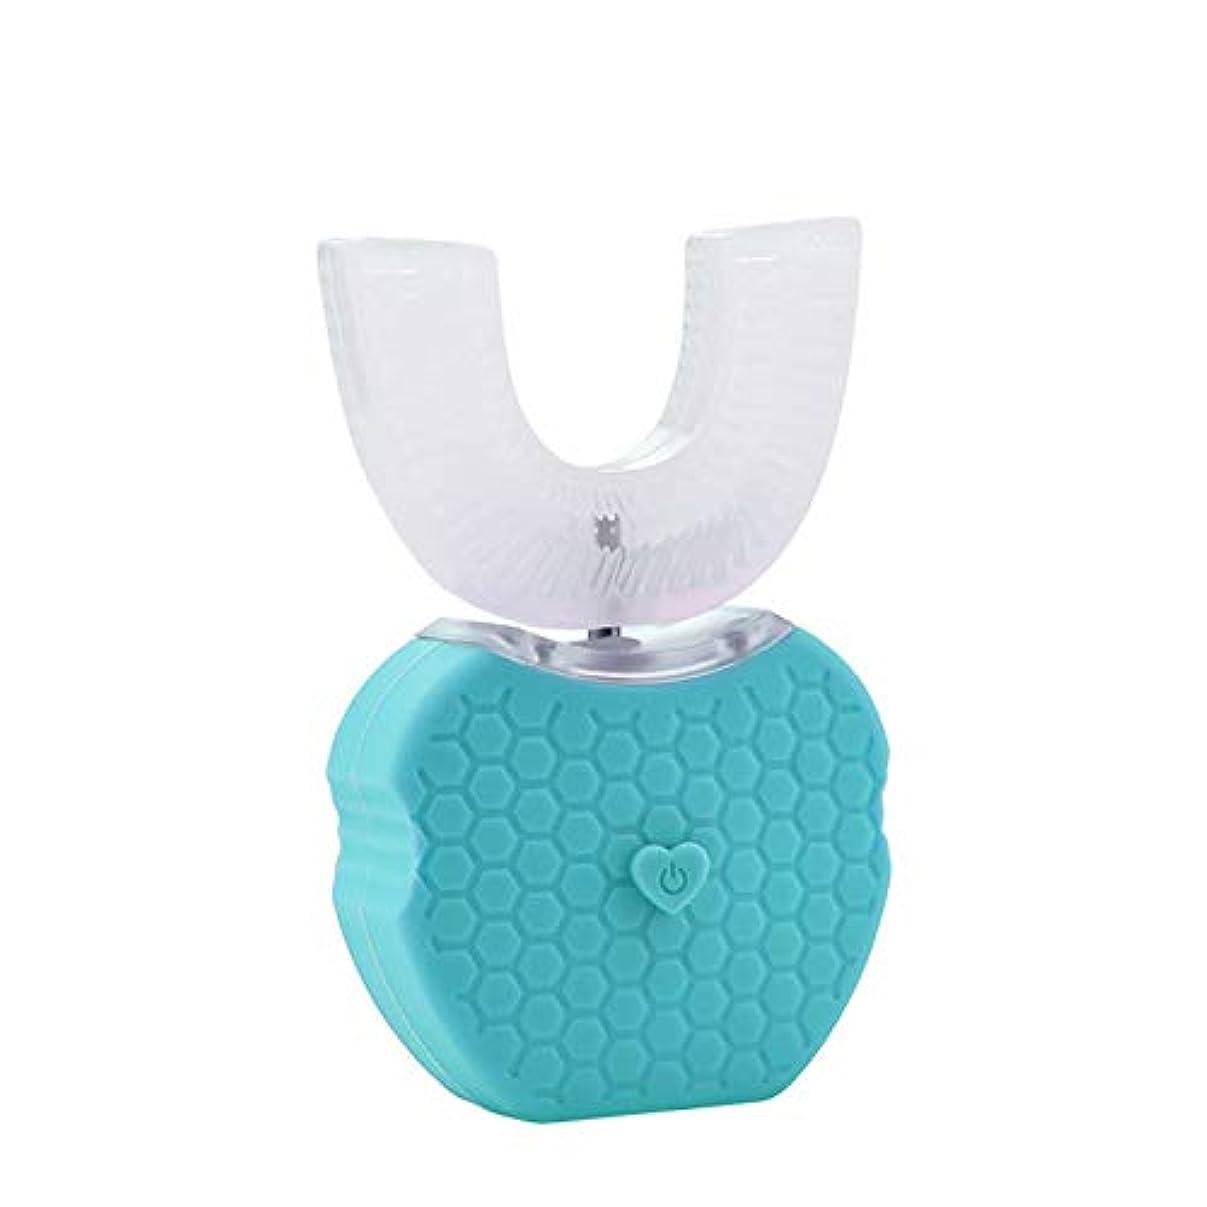 別れる没頭するディプロマフルオートマチック可変周波数電動歯ブラシ、自動360度U字型電動歯ブラシ、ワイヤレス充電IPX7防水自動歯ブラシ(大人用),Blue